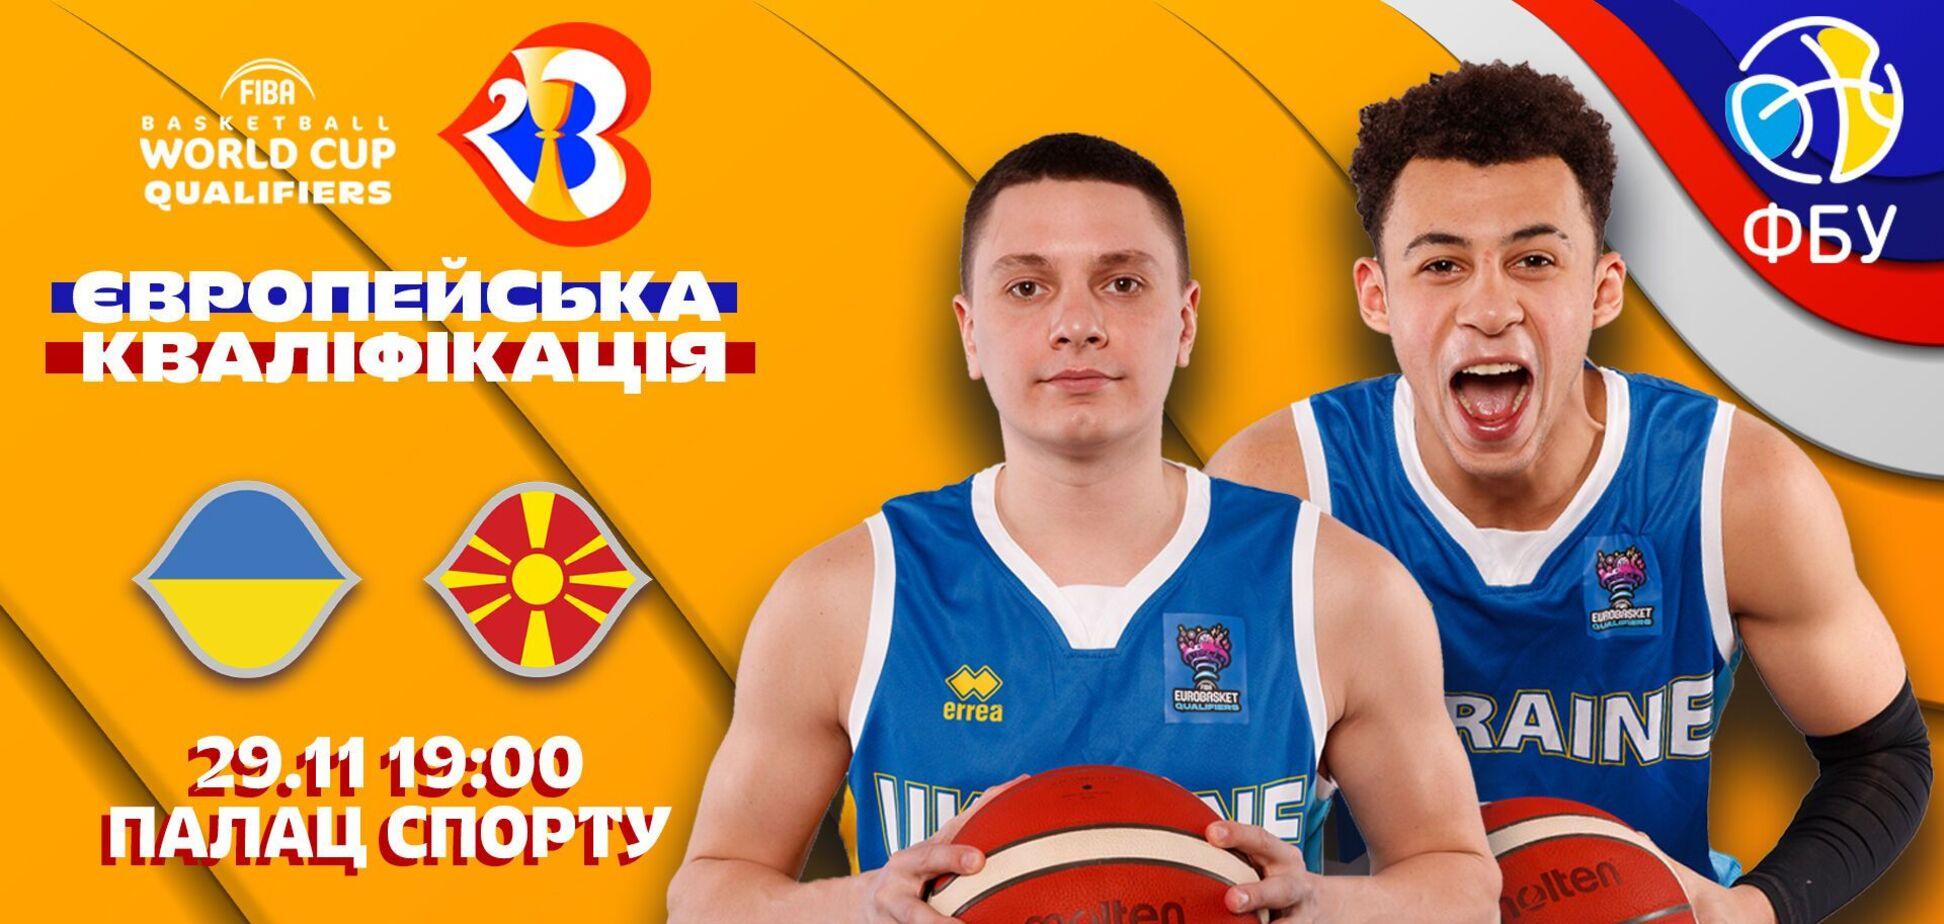 Відбір на ЧС з баскетболу в Києві: де купити квитки на матч збірної України